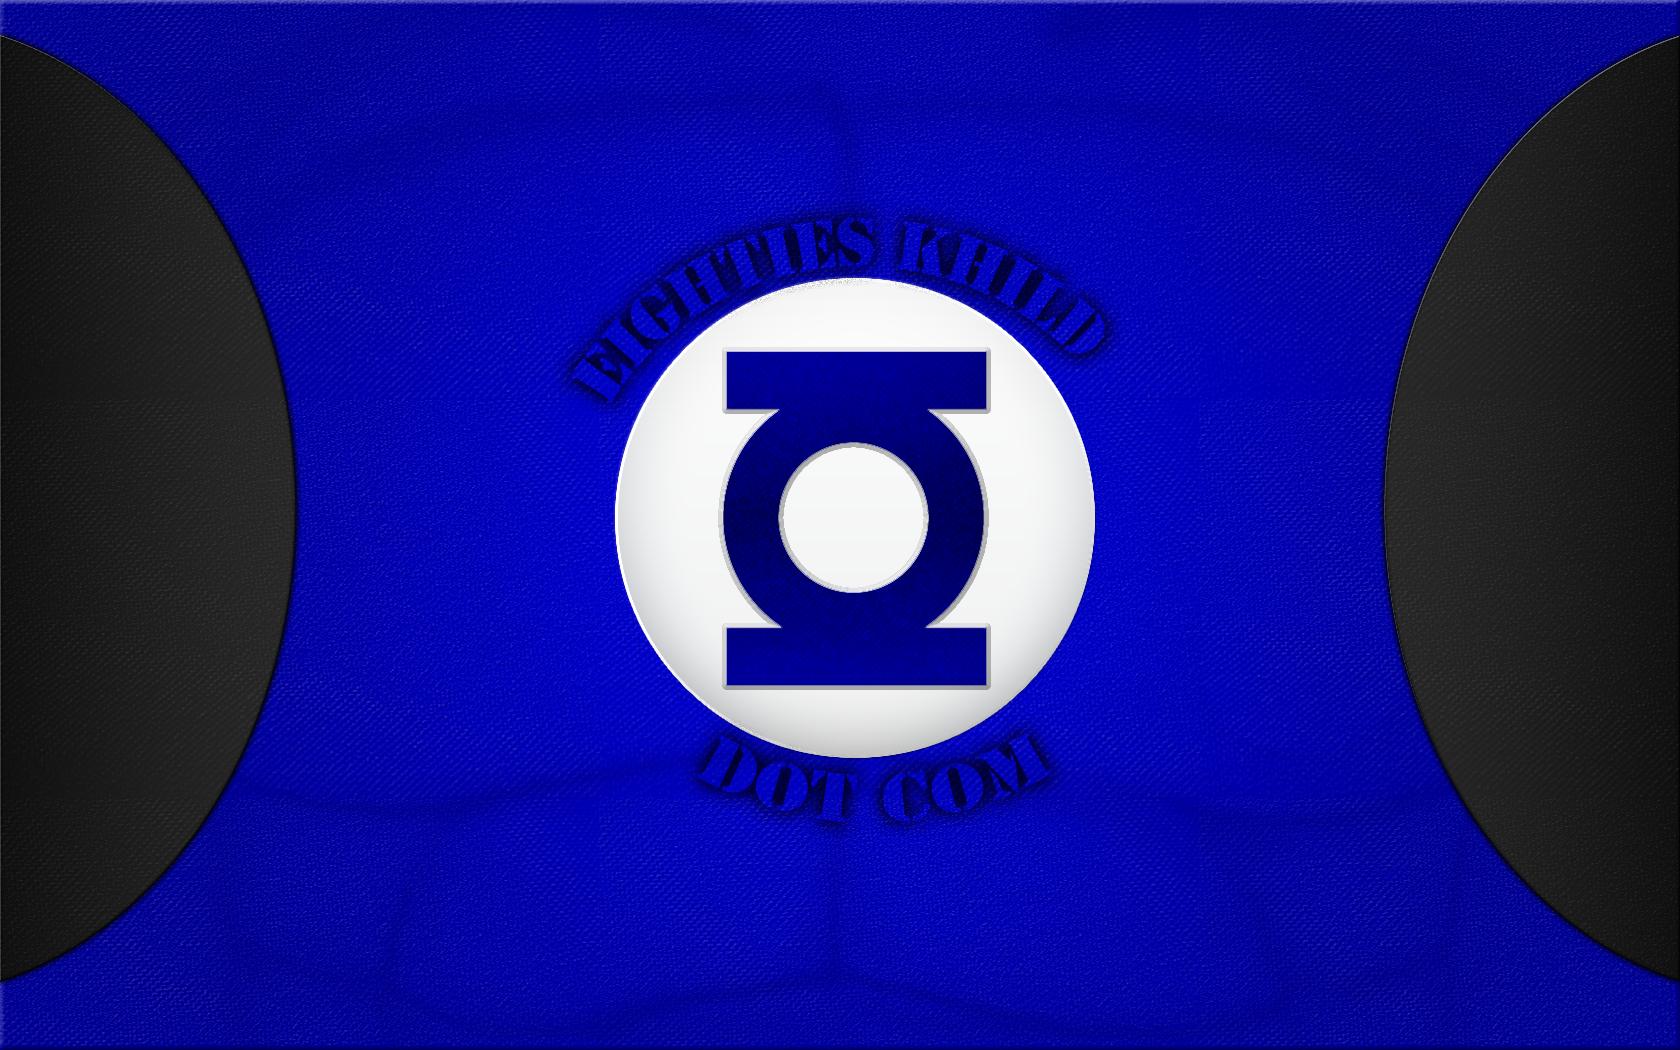 Blue Lantern by eightieskhild 1680x1050